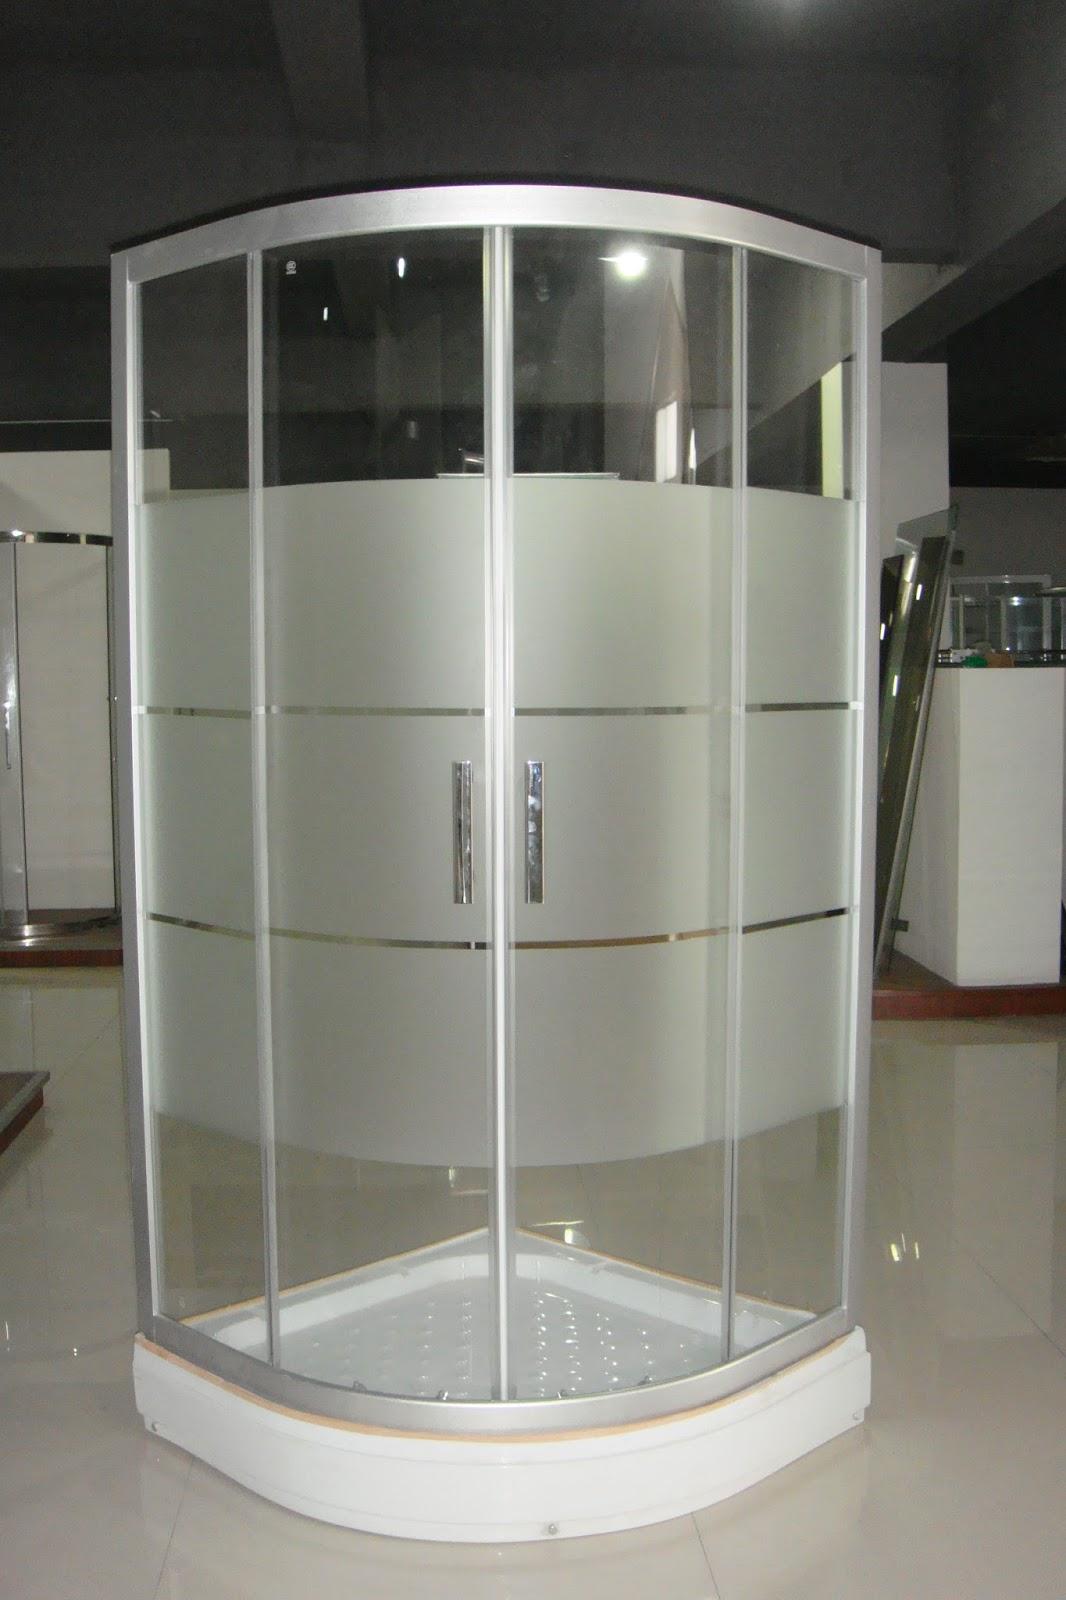 Saudi Arabia Hot Selling Shower Enclosures Saudi Arabia Hot Selling